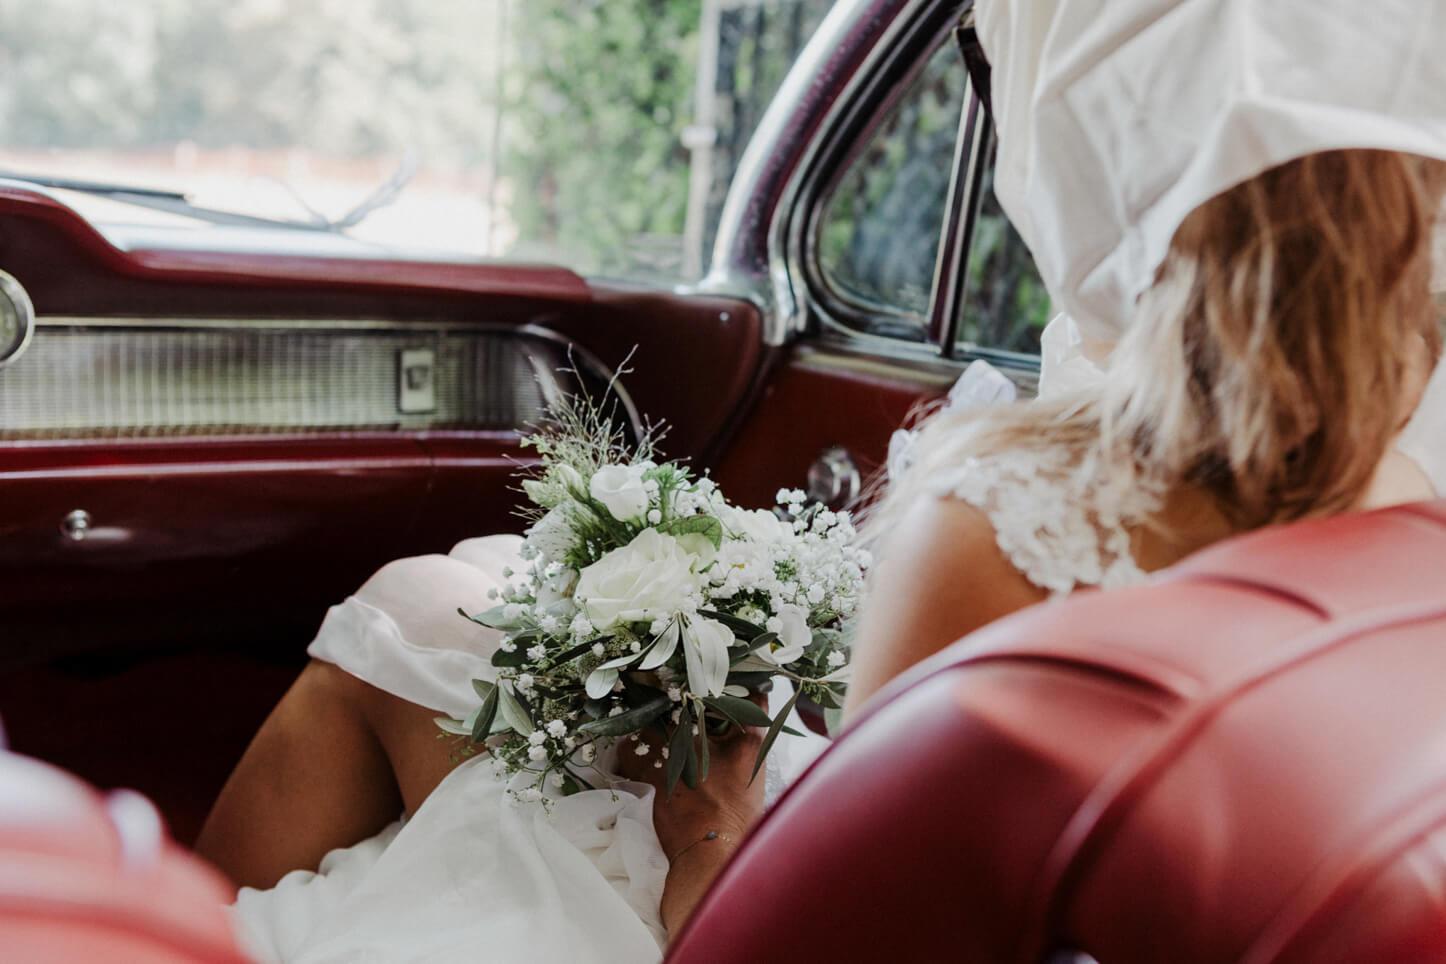 Braut im Cadillac, Hochzeitsauto